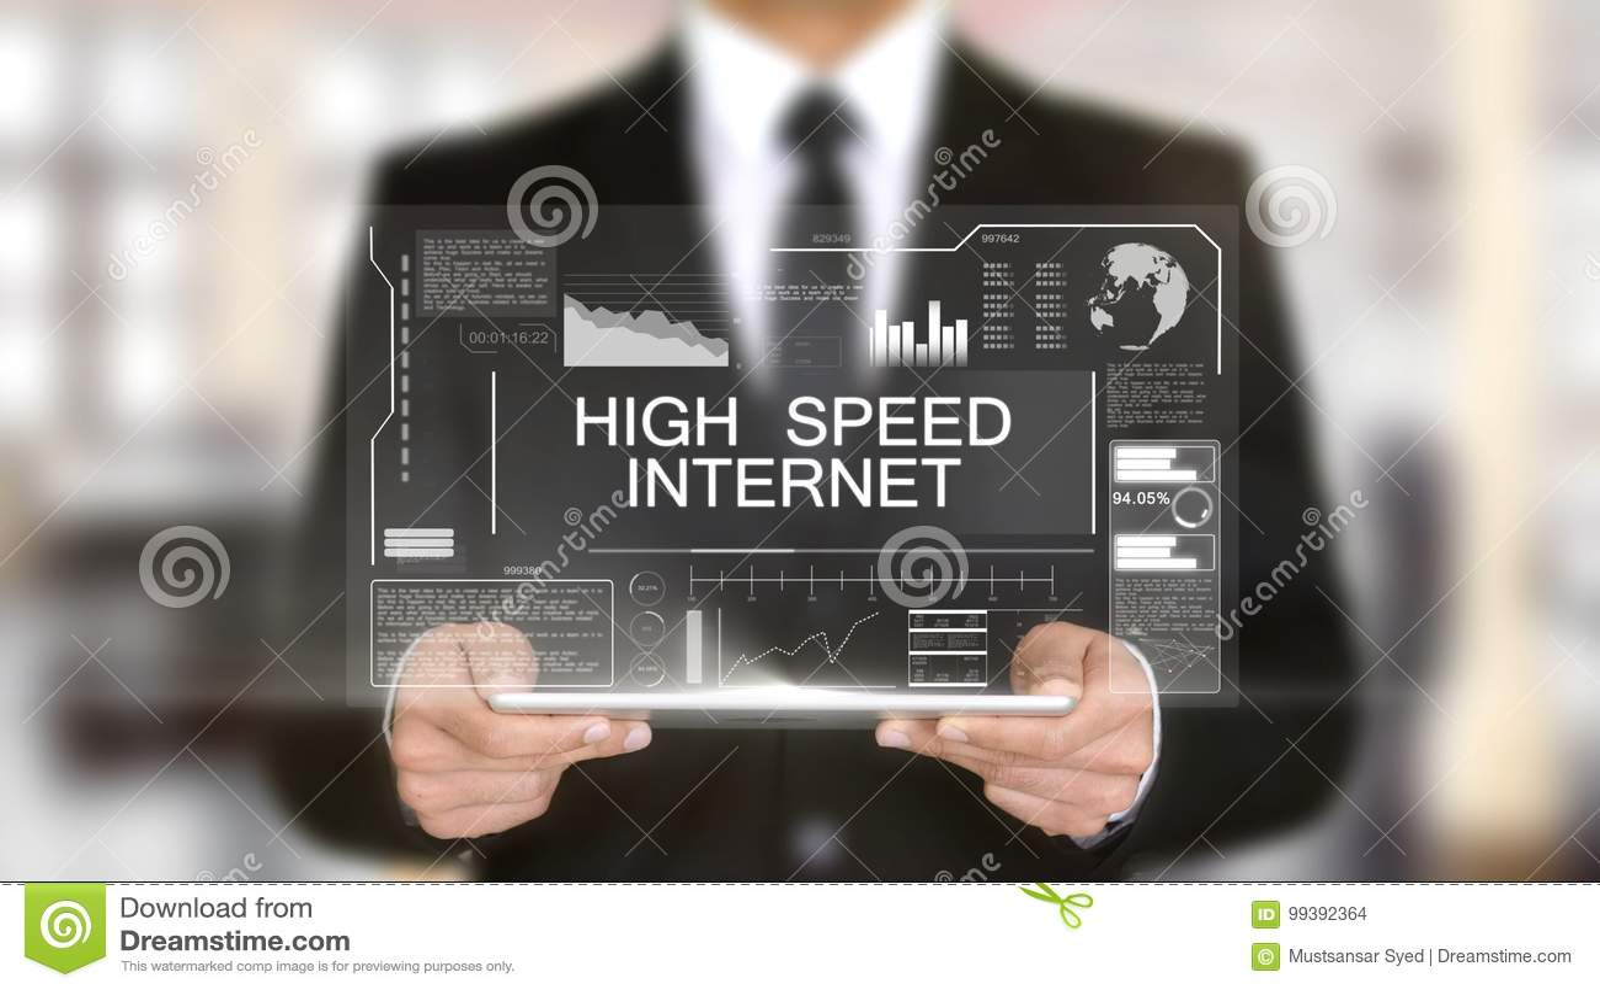 高速互联网,全息图未来派接口概念,被增添的真正